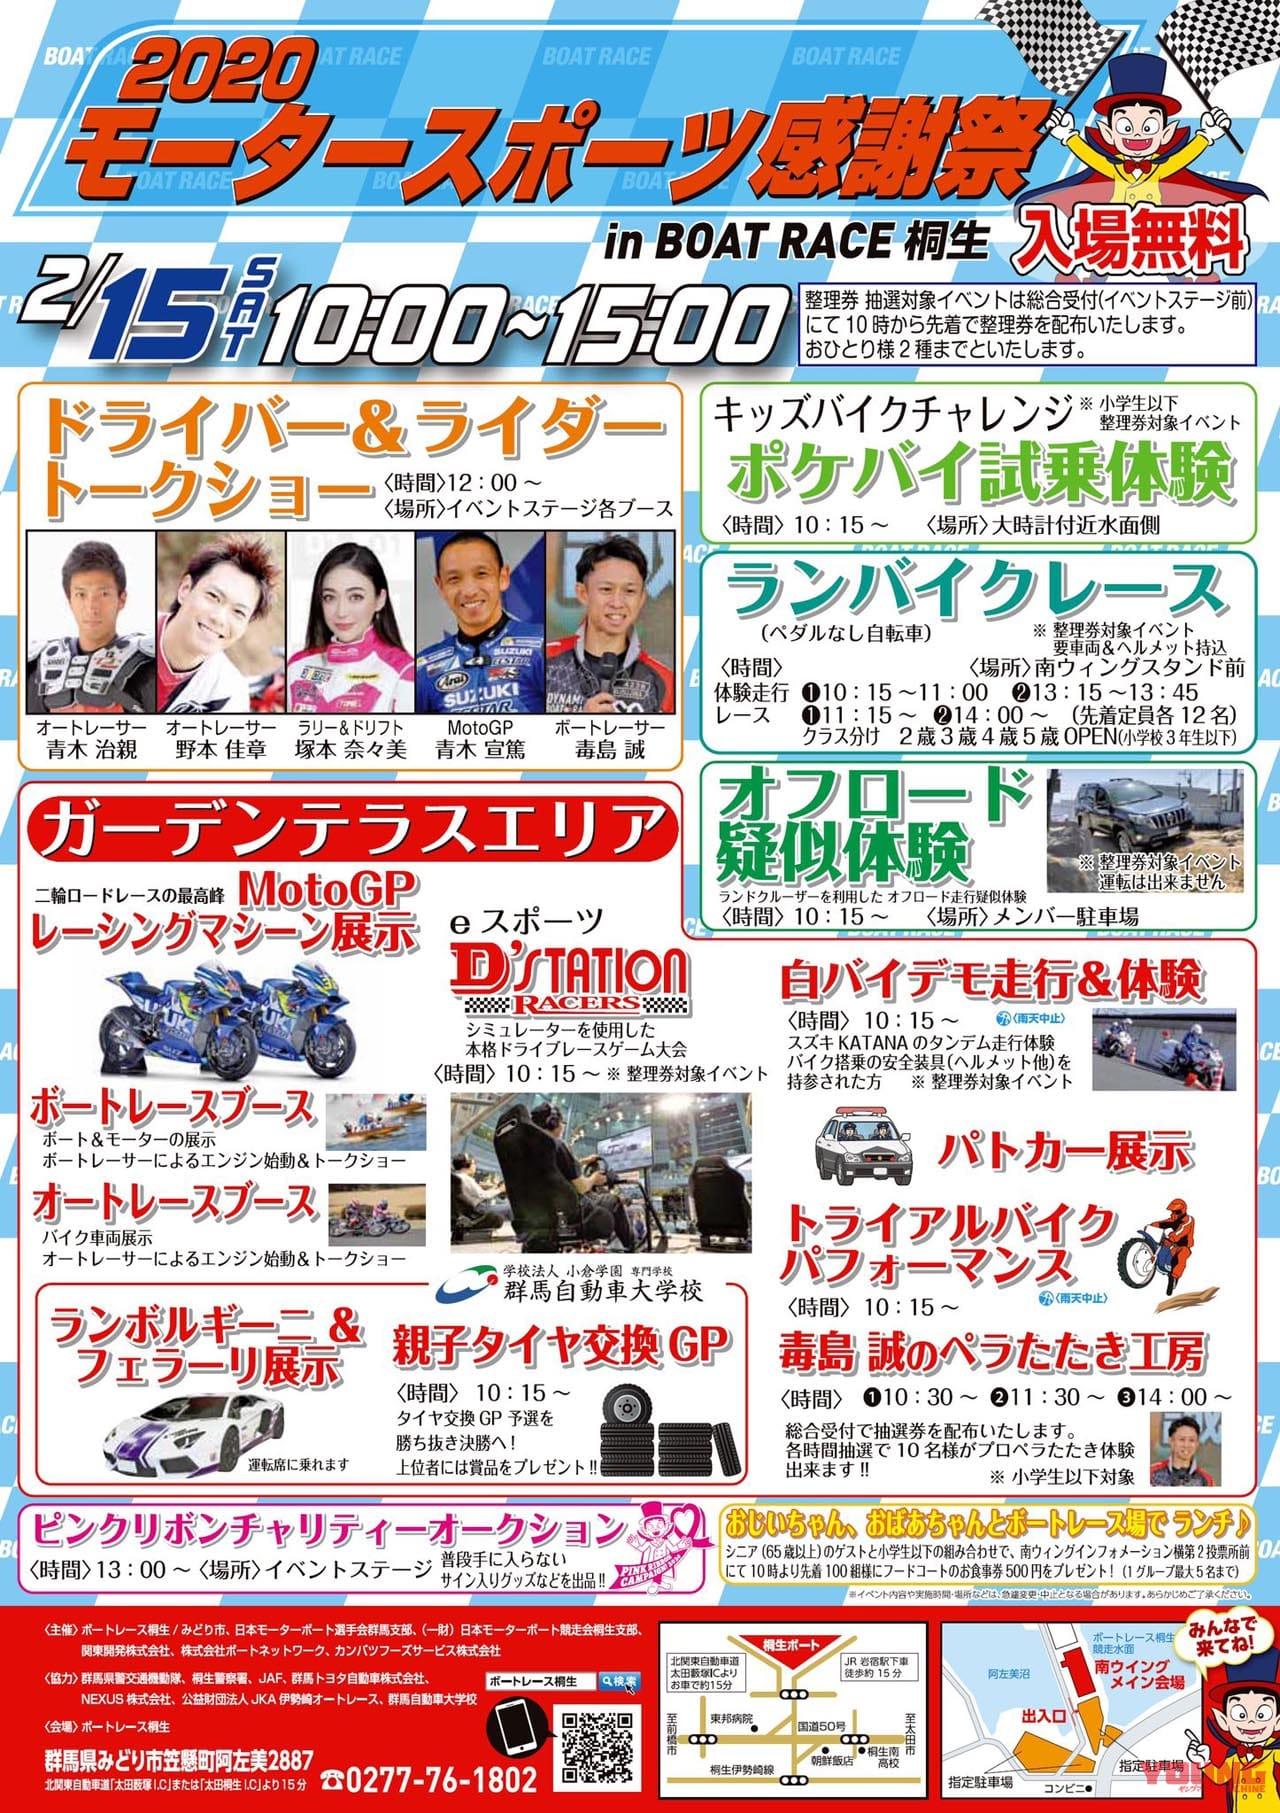 モトGPマシンGSX-RR展示!【2月15日開催】モータースポーツ感謝祭inボートレース桐生